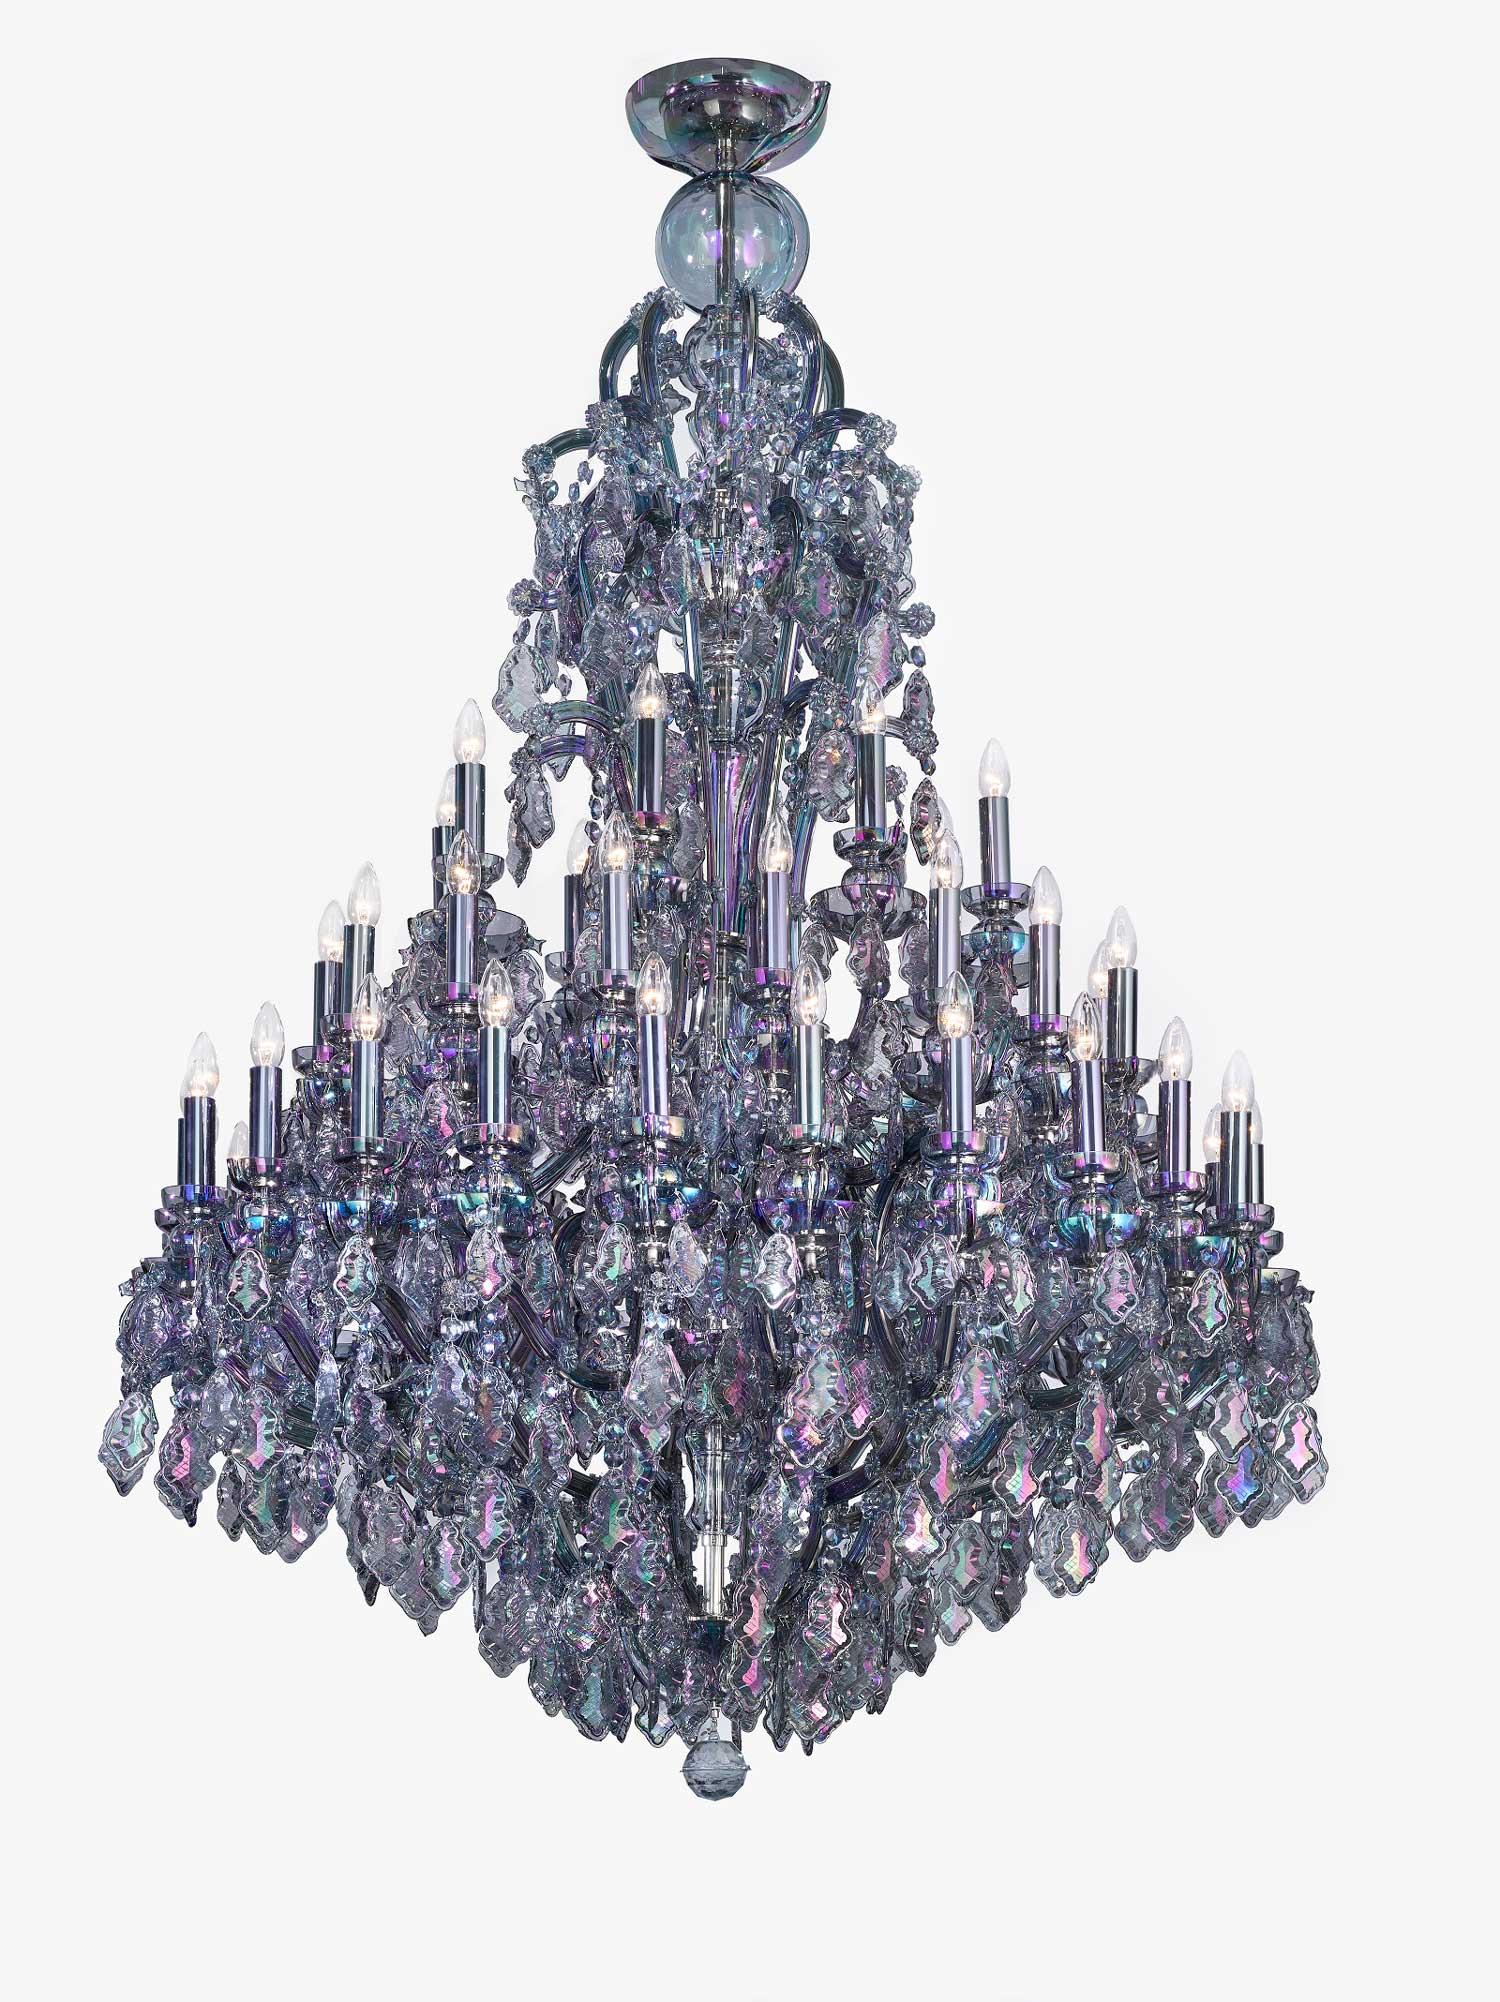 Jakub Berdych Empress Chandelier for Lasvit | #Milantrace2016